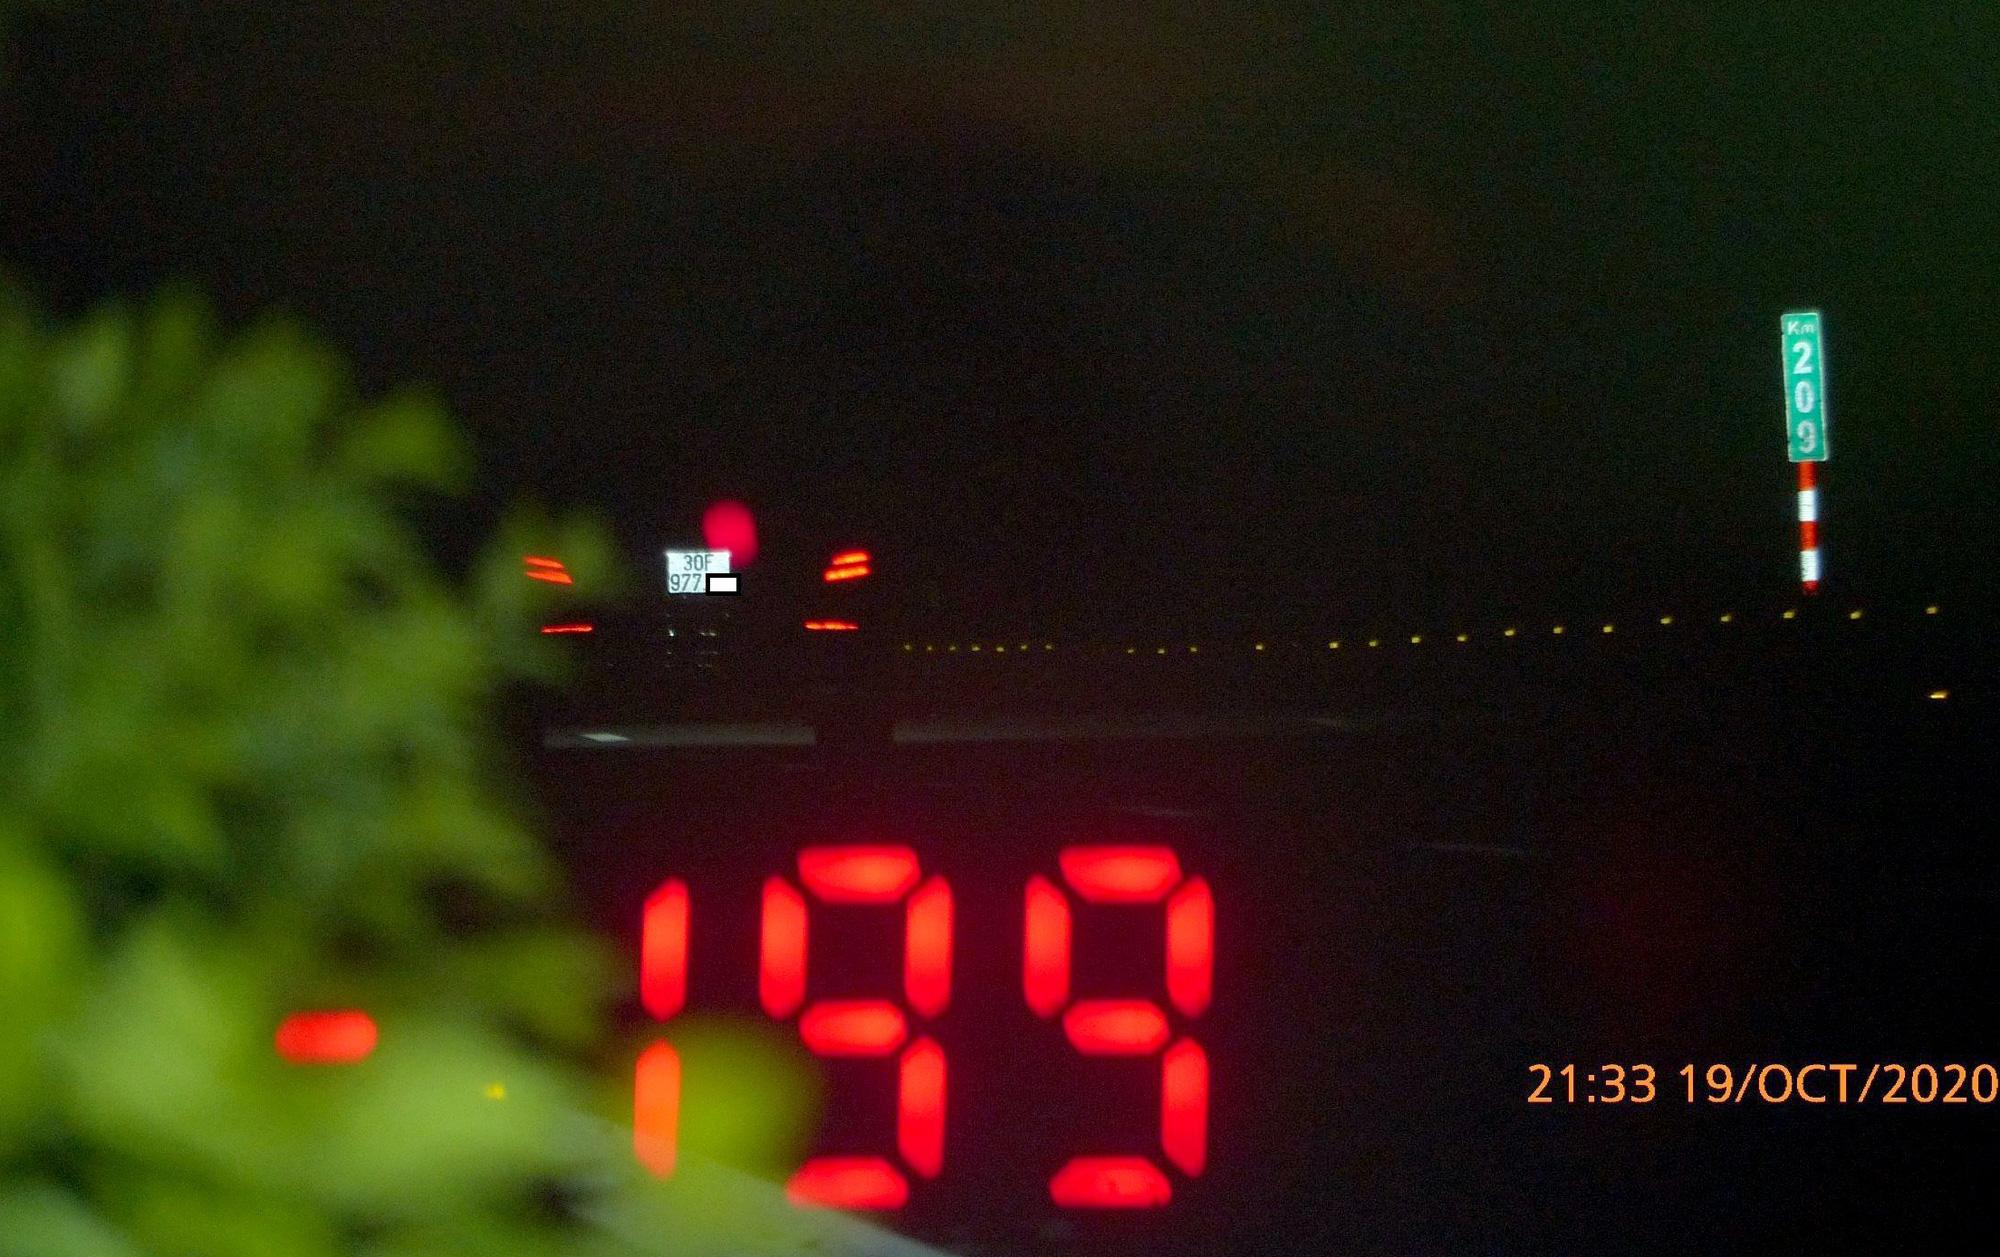 Kinh hoàng: Xe Mercedes phóng tốc độ gần 200 km/h trên cao tốc Pháp Vân - Cầu Giẽ - Ảnh 1.